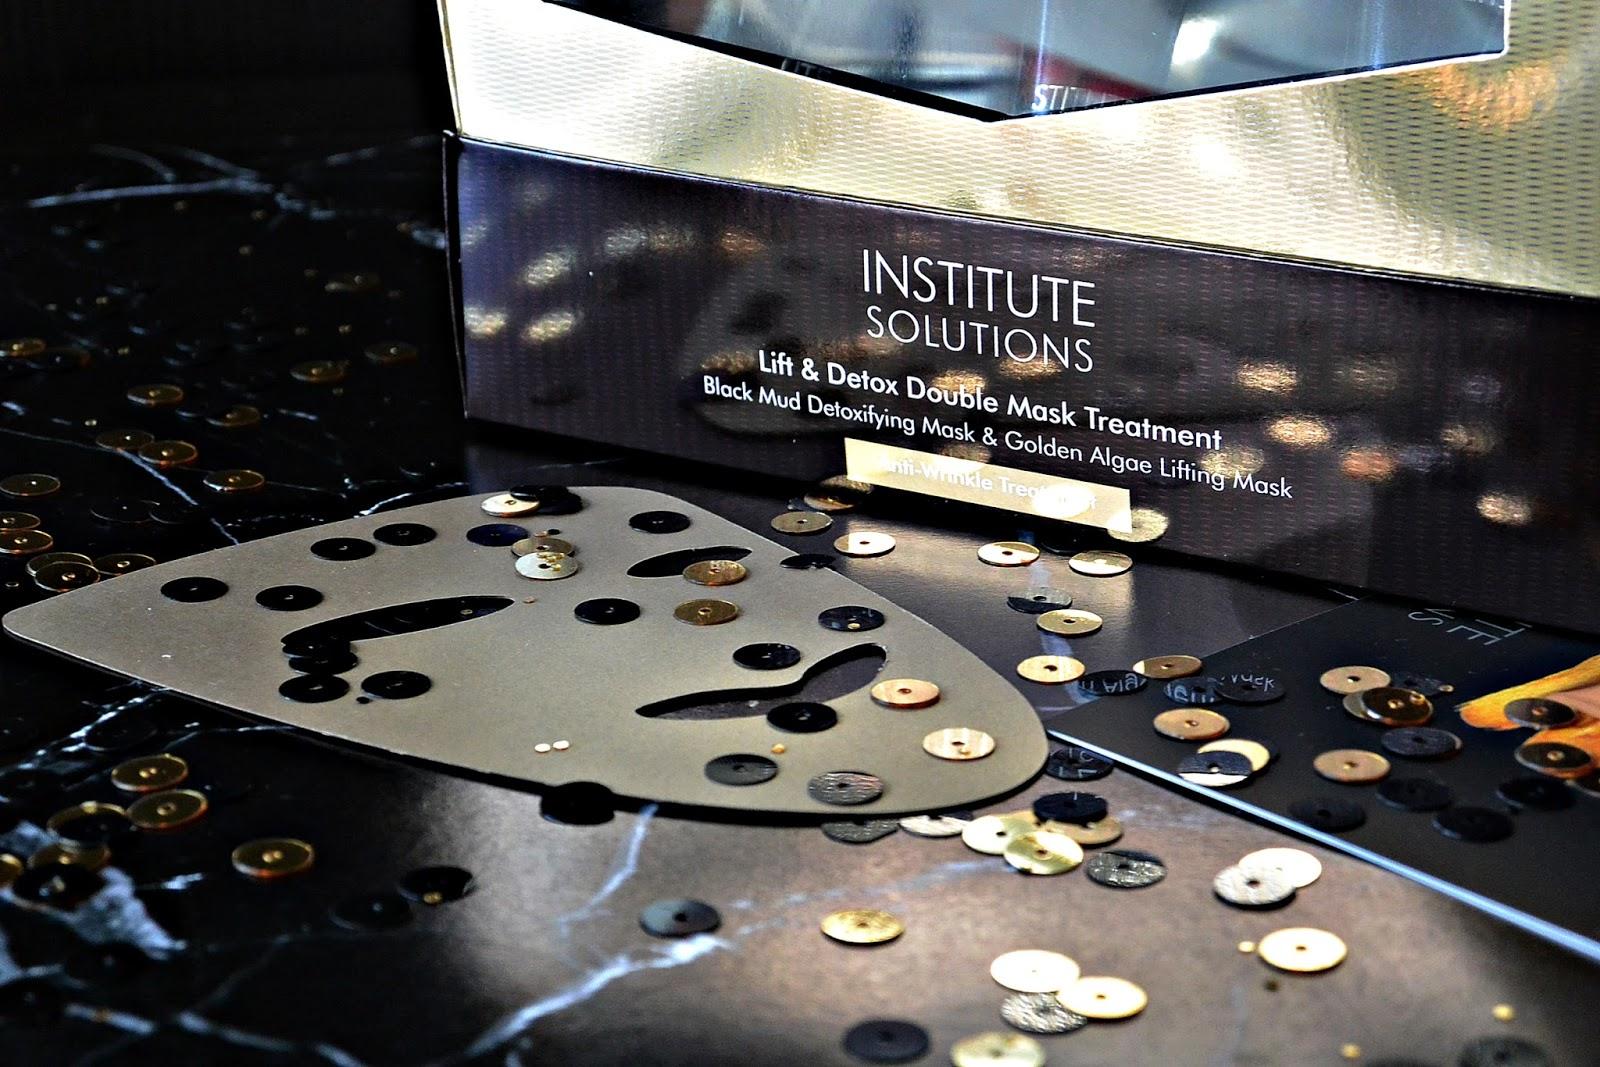 Institute Solutions